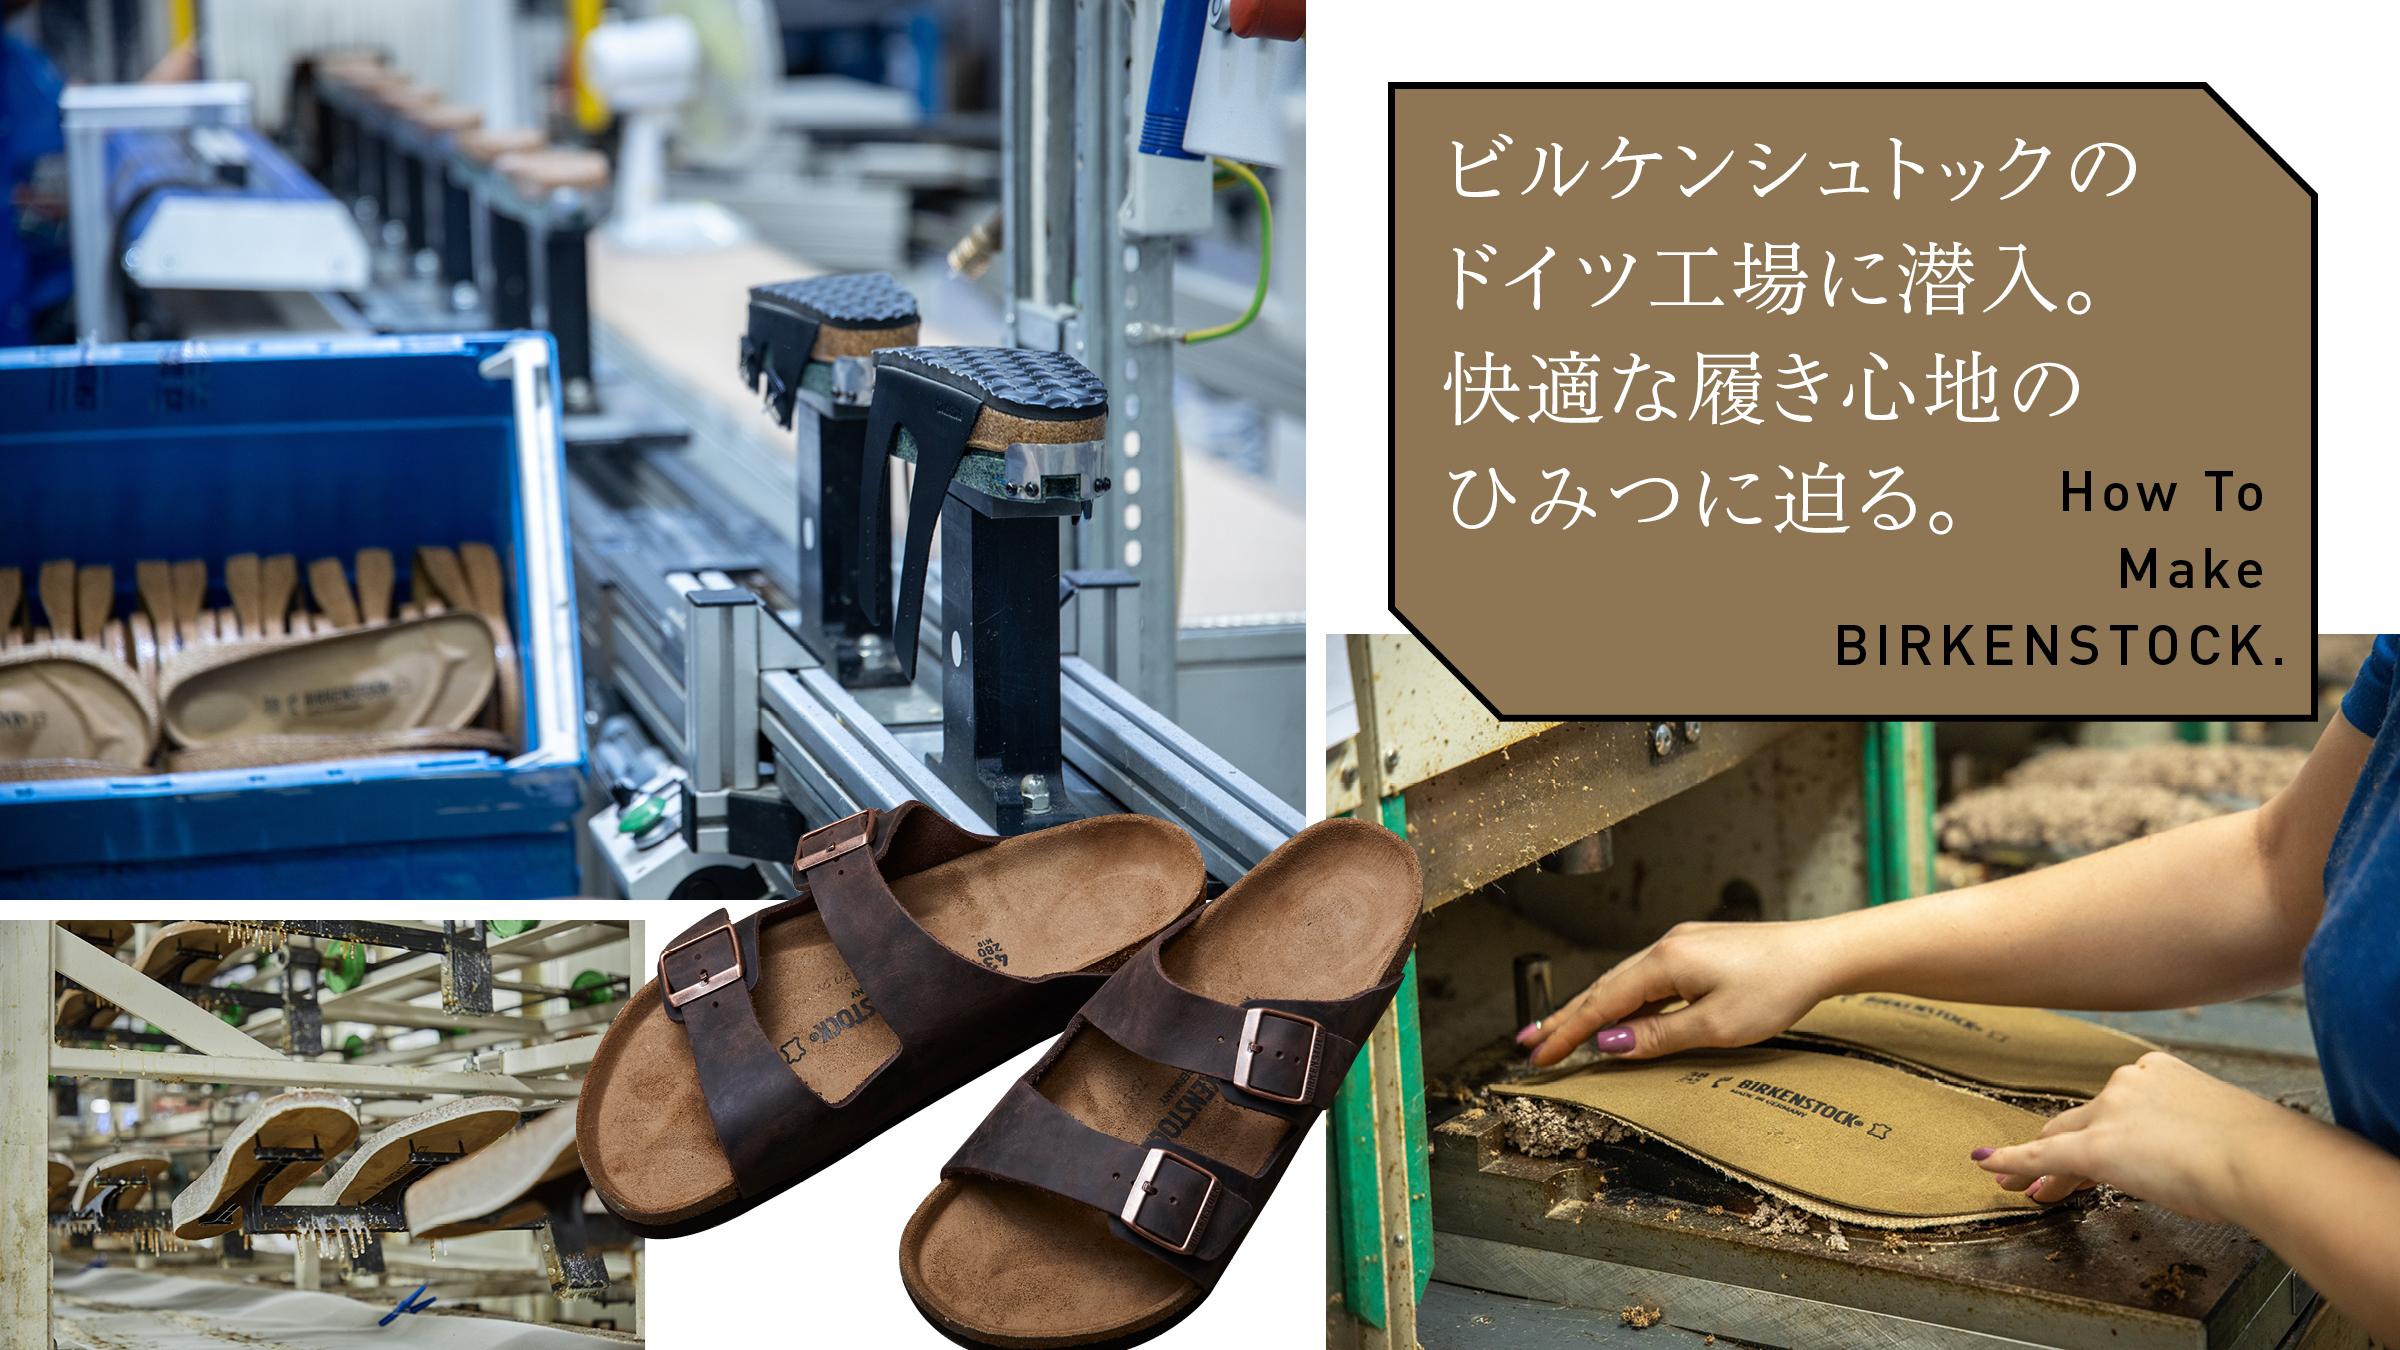 ビルケンシュトックのドイツ工場に潜入。快適な履き心地のひみつに迫る。